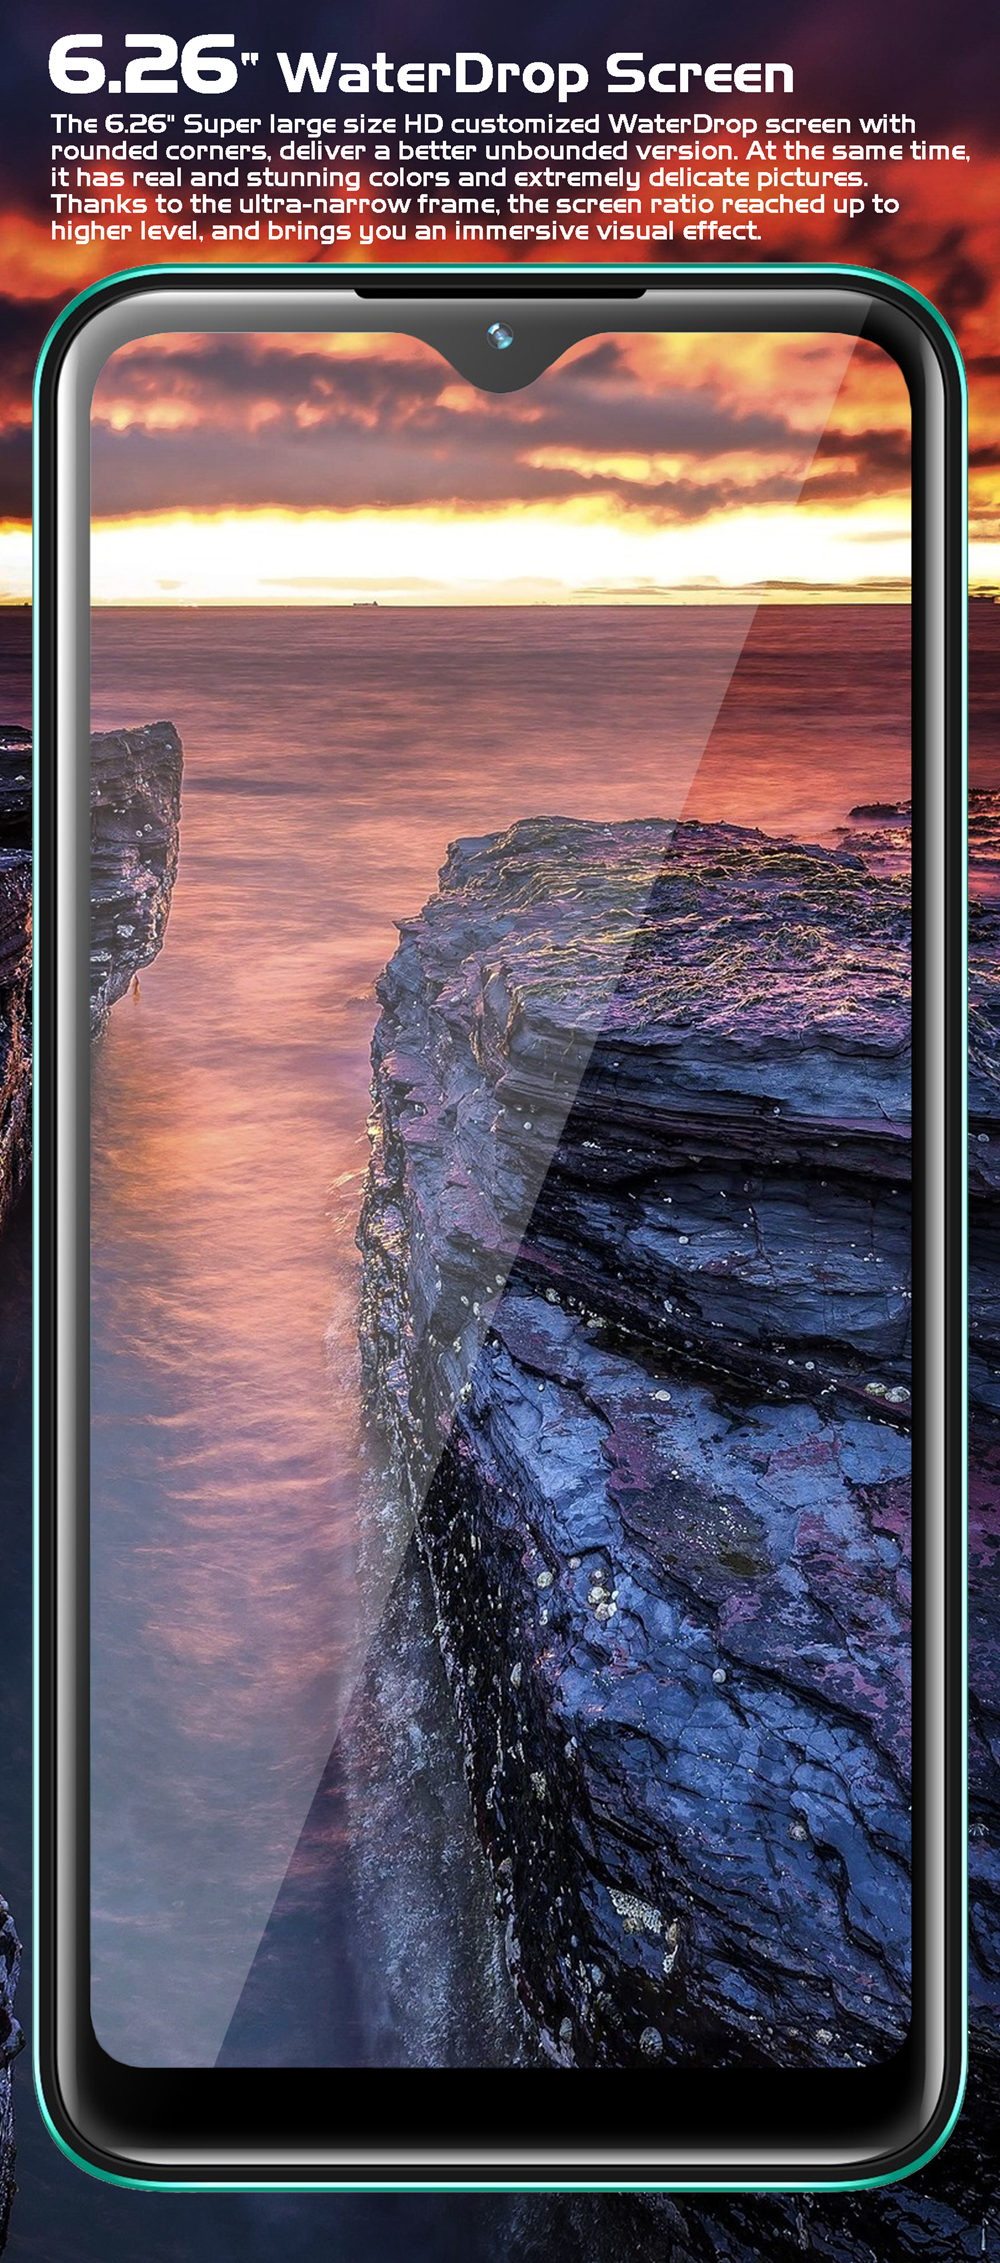 6.26 WaterDrop Screen